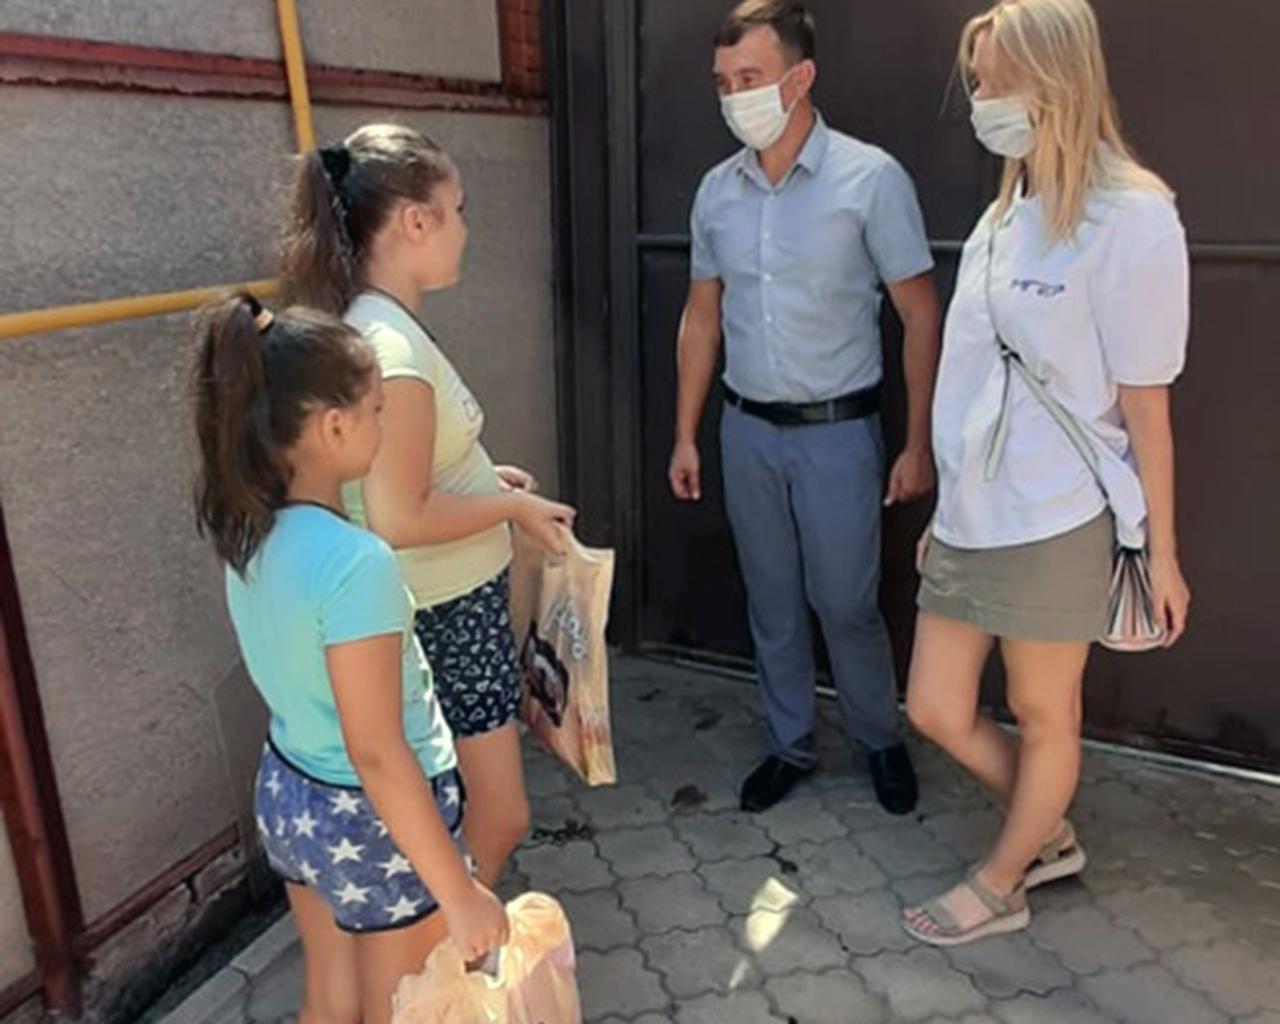 В Таганроге продолжается акция «Помоги пойти учиться» для семей, оказавшихся в трудной жизненной ситуации